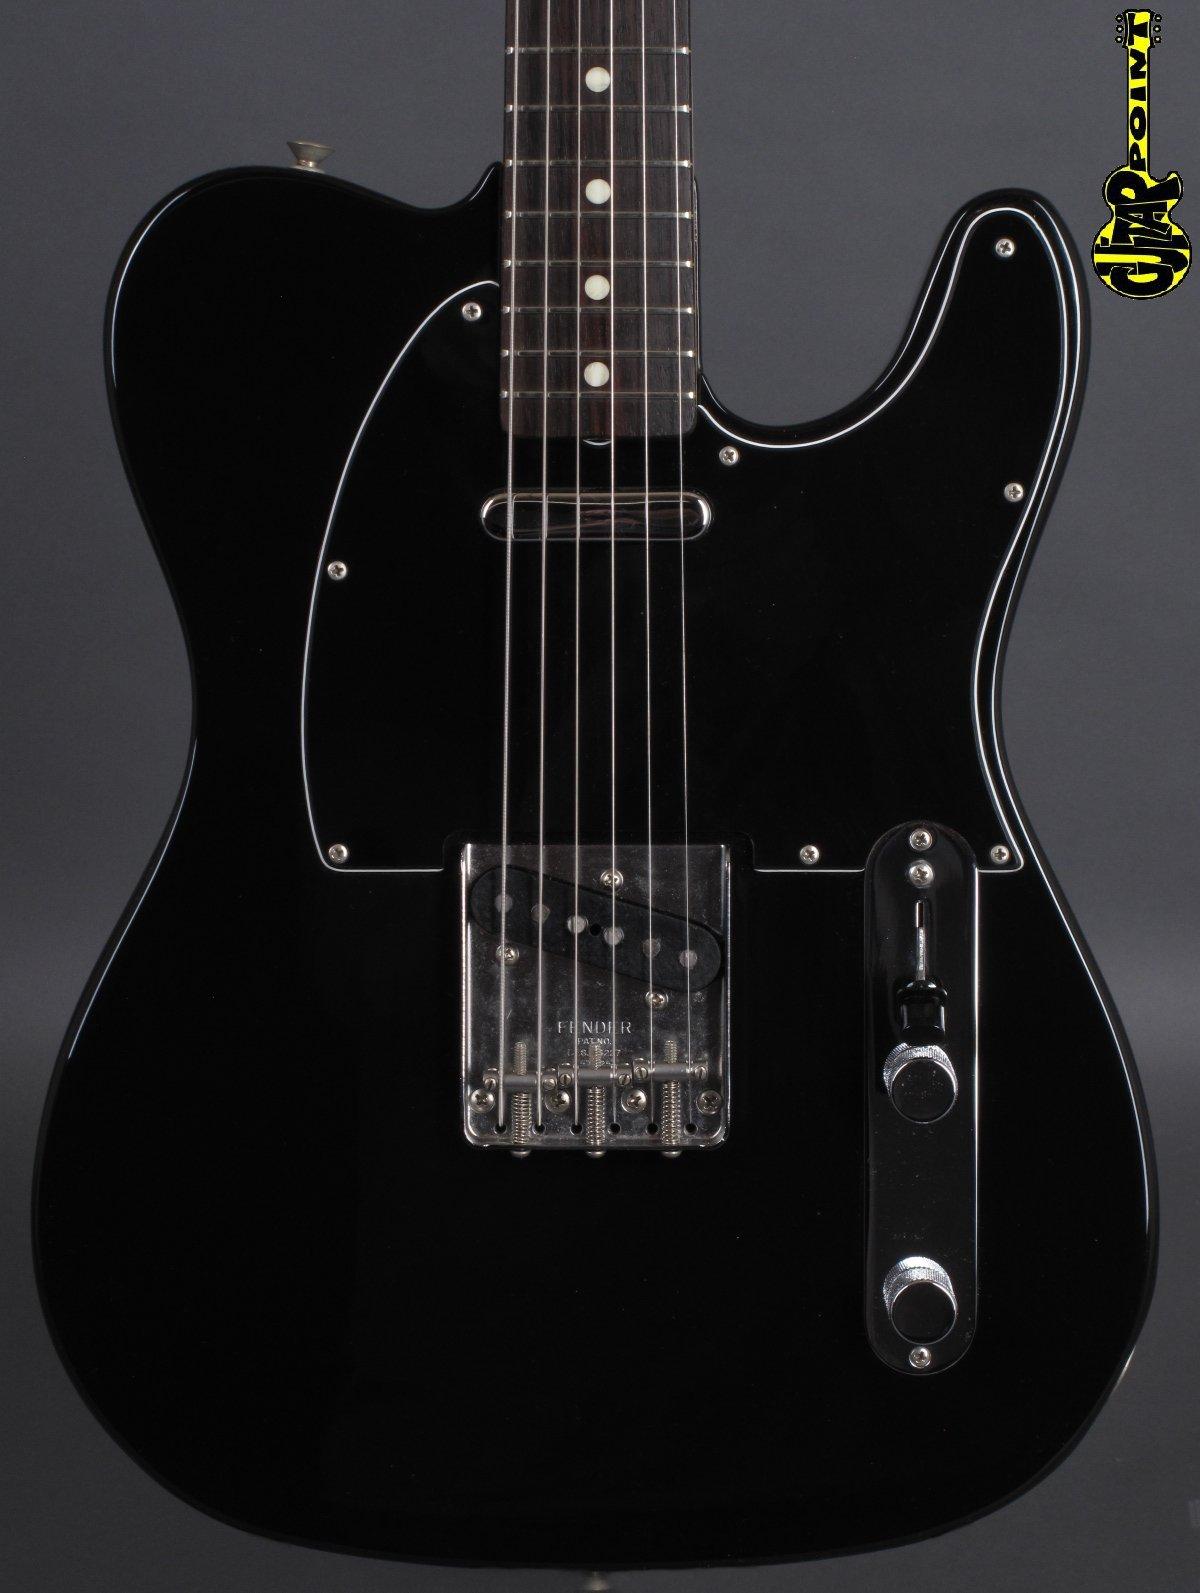 1978 Fender Telecaster - Black    ...Mint !!!